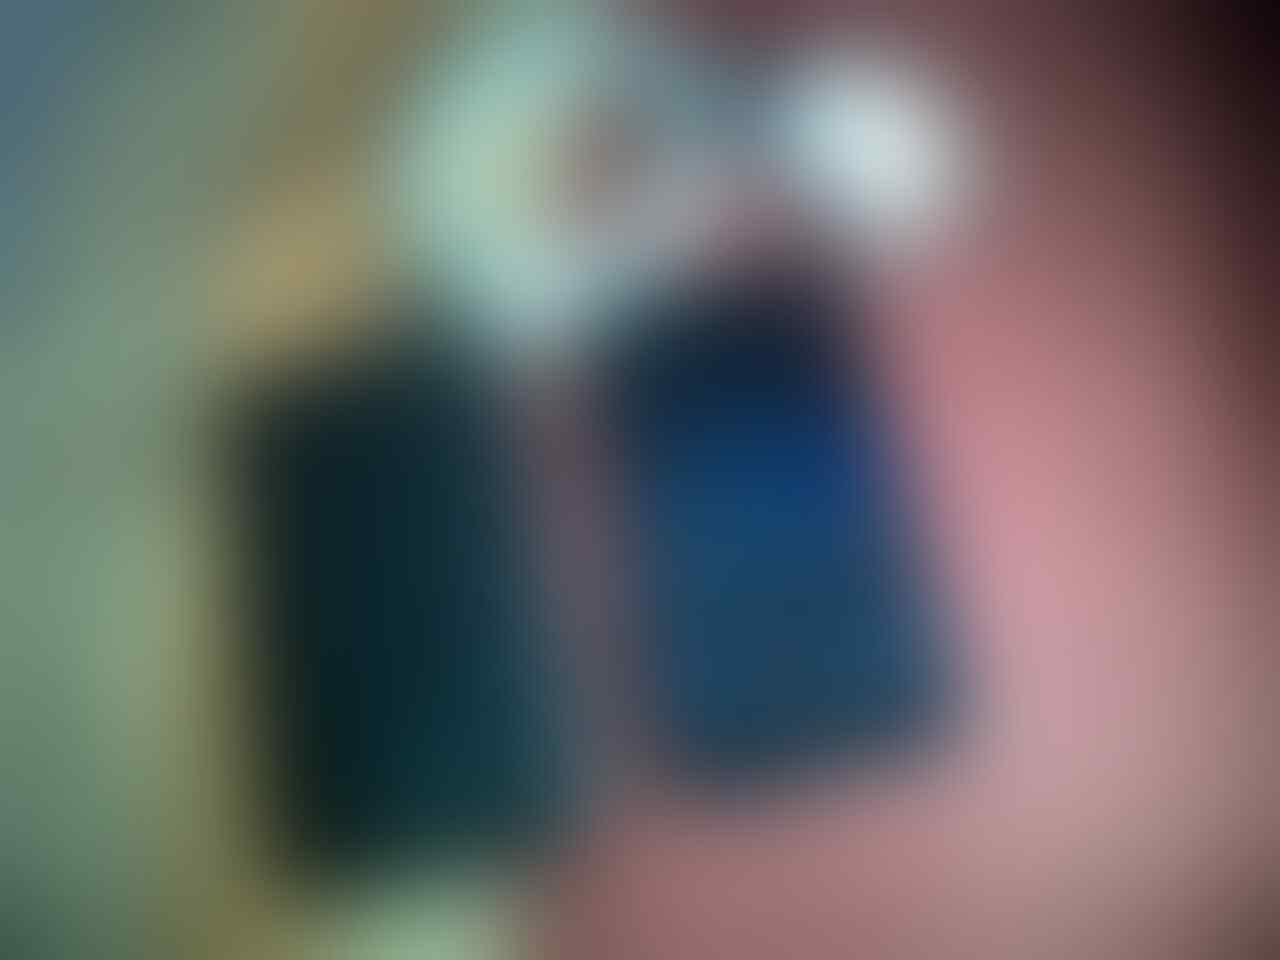 Wts/Barter Ipod 8GB Gen 3 Cepet aja..